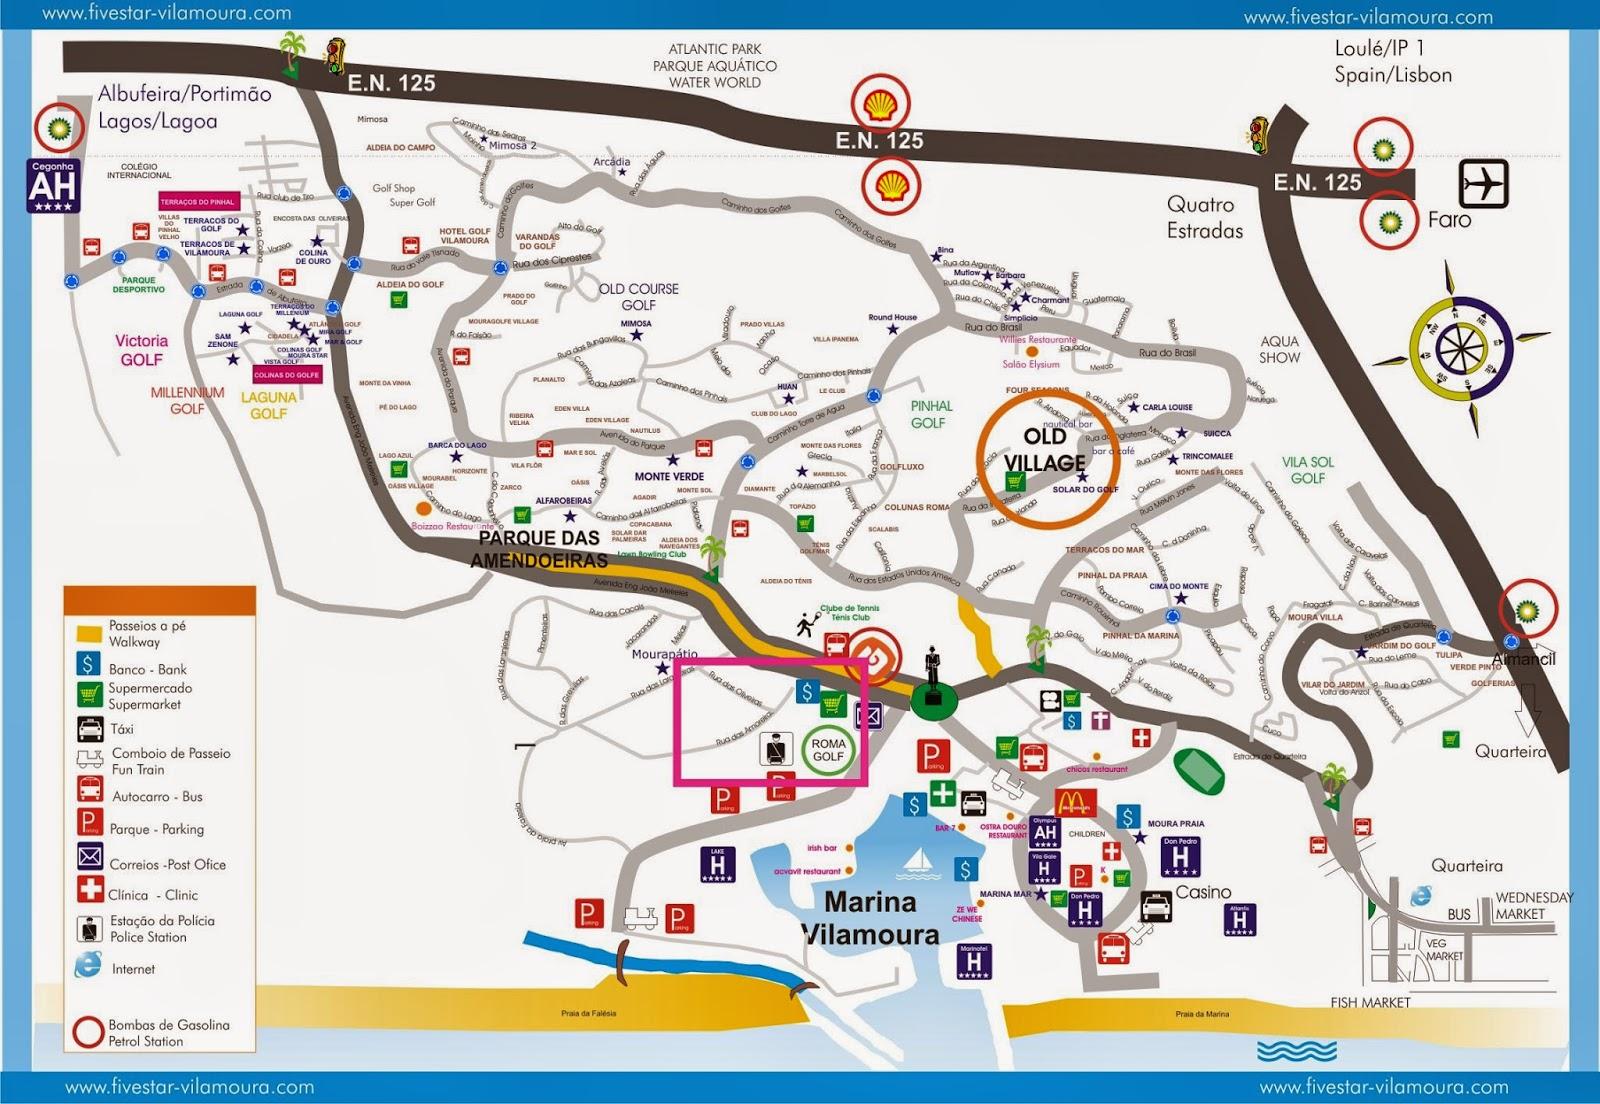 mapa de portugal quarteira Mapas de Vilamoura   Portugal | MapasBlog mapa de portugal quarteira